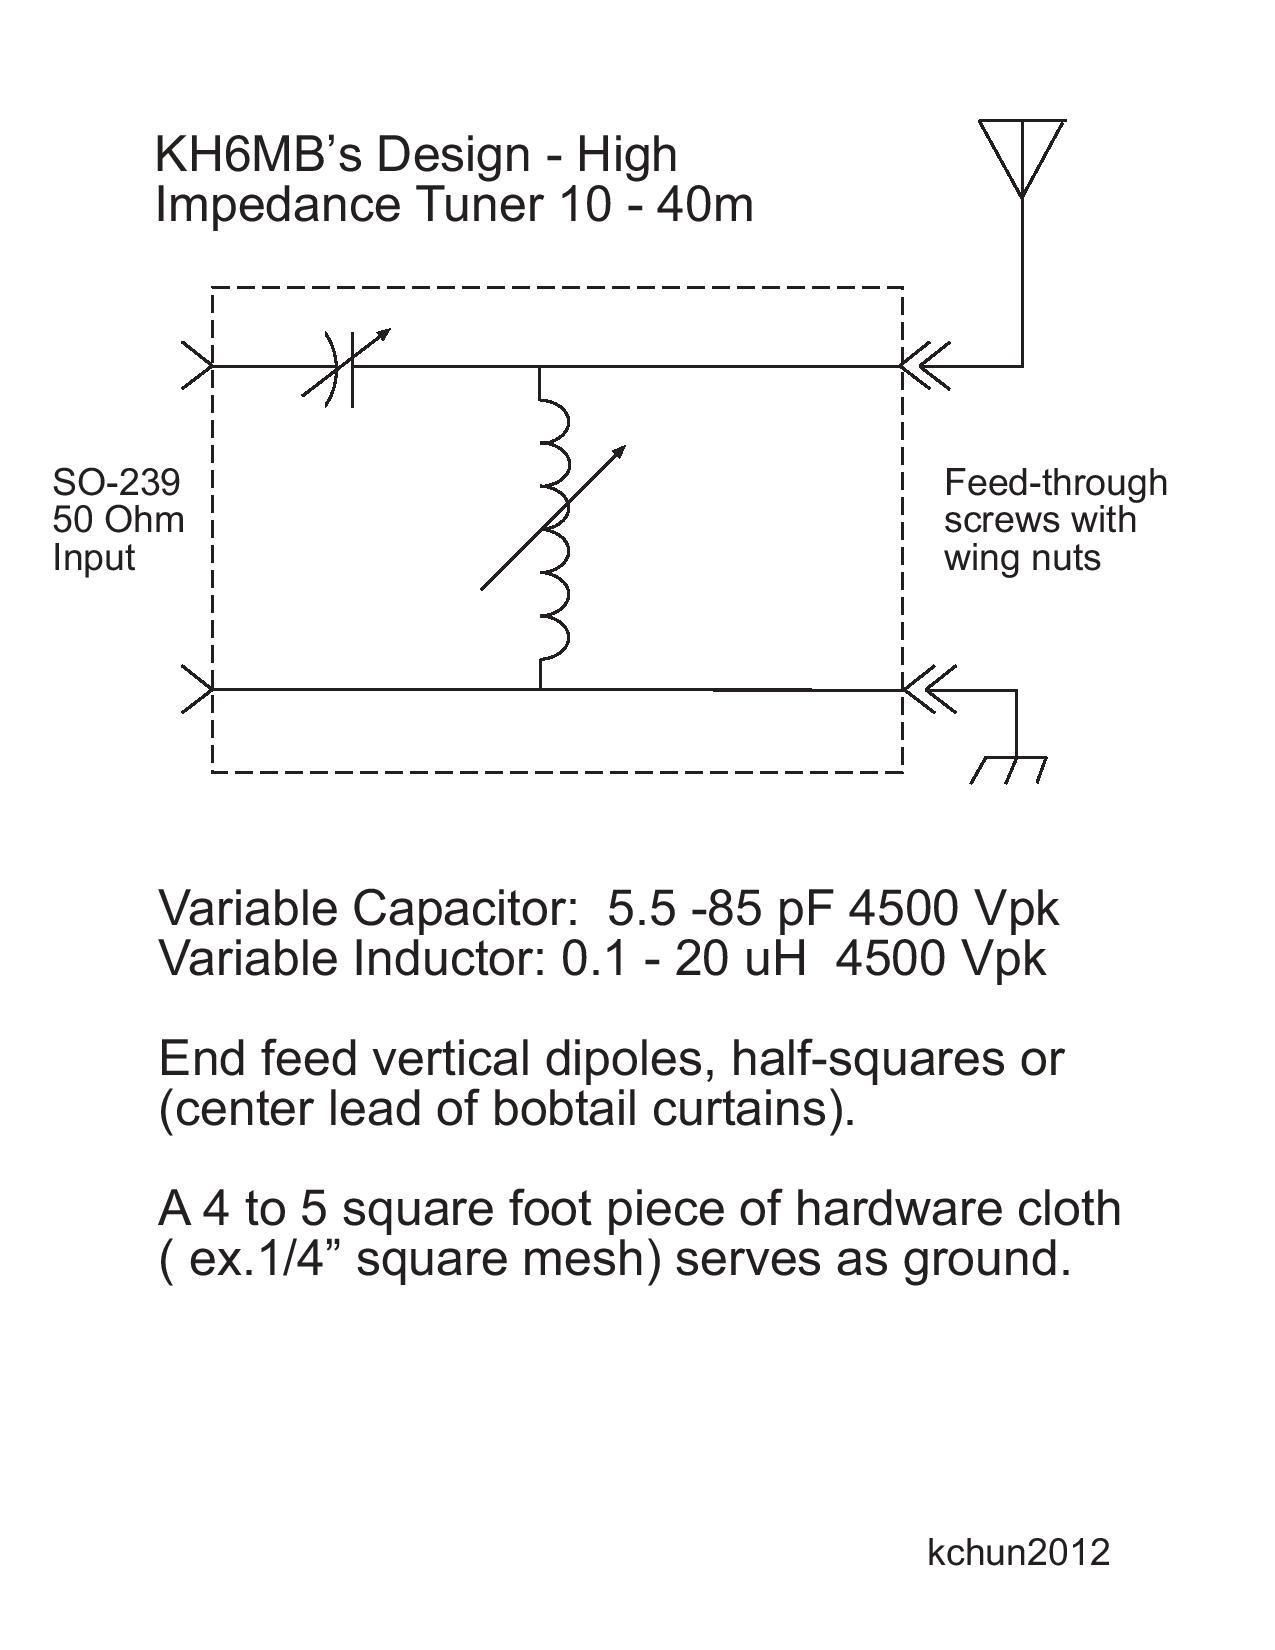 2 ohm wiring diagram 24v relay 5 pin efhw tuner | ham radio hawaii